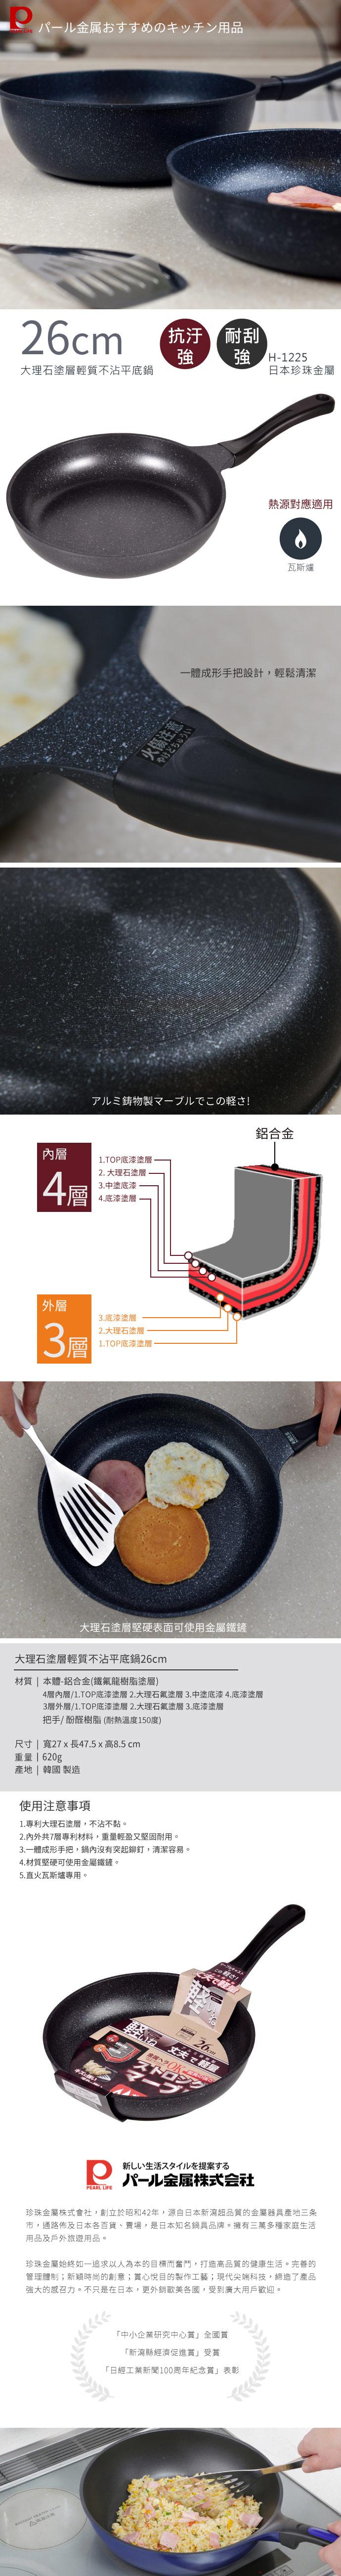 (複製)【日本珍珠金屬】大理石塗層煎烤萬用不沾鍋5件組(附快拆手把)